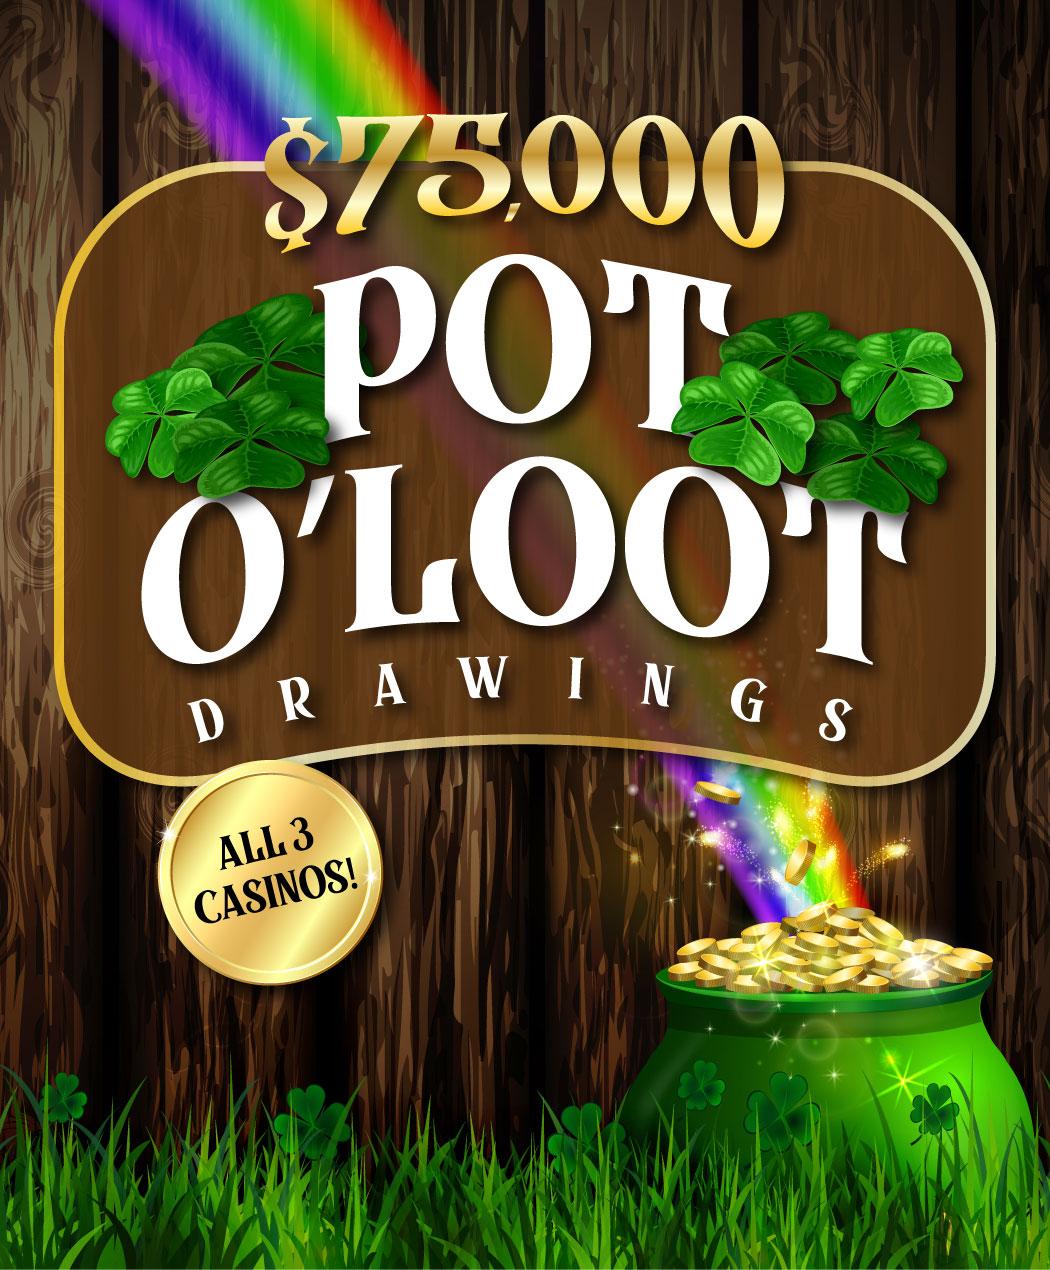 $75,000 Pot O' Loot Drawings